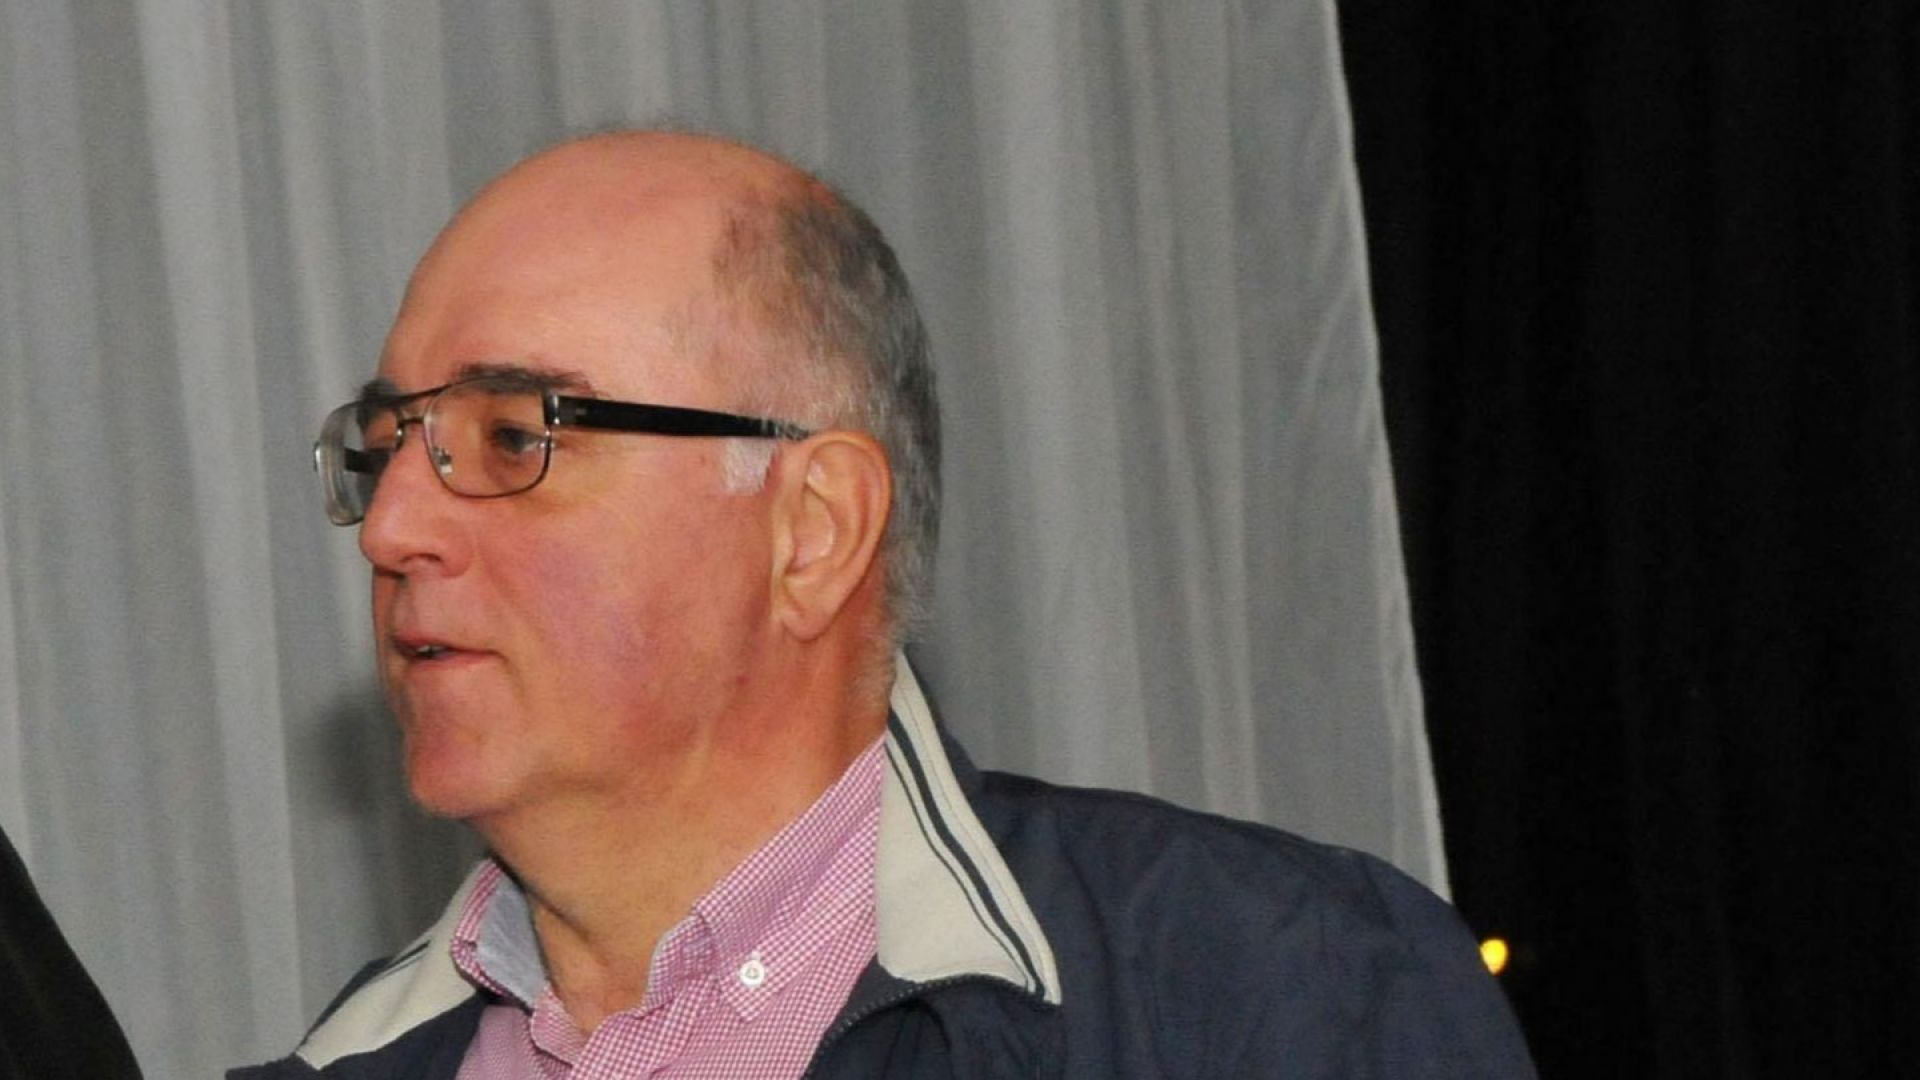 Кънчо Стойчев: Гафовете на кабинета излизат извън нормалното